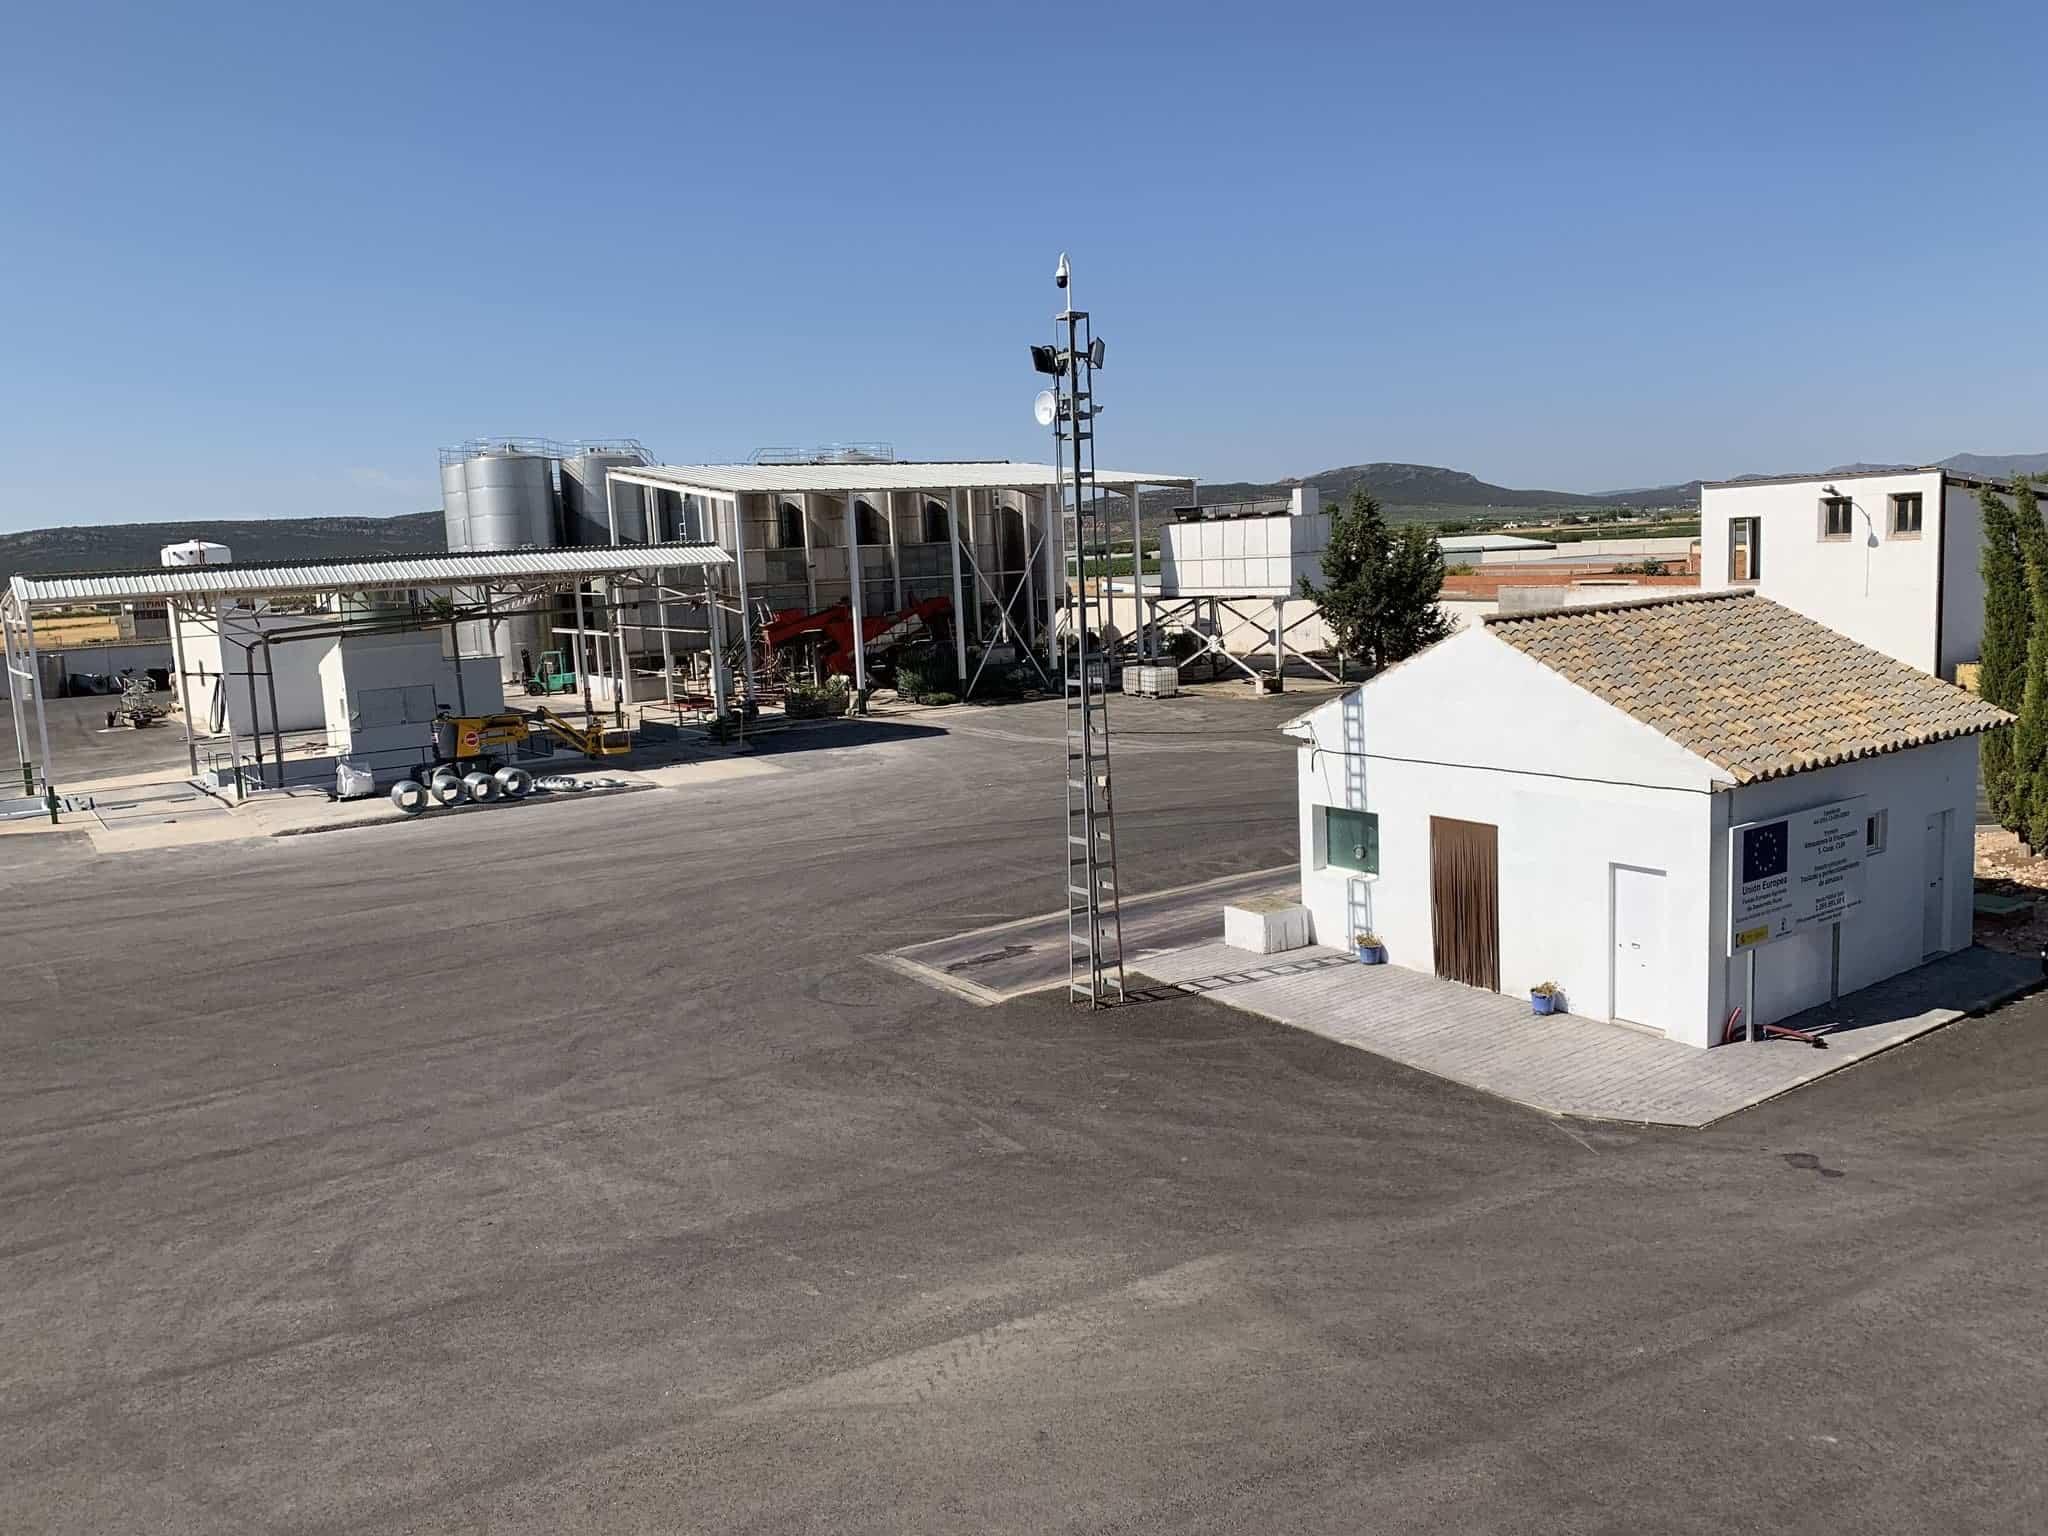 visita almazarera la encarnacion herencia 7 - Emiliano García-Page inaugurará las nuevas instalaciones de la cooperativa almazara La Encarnación